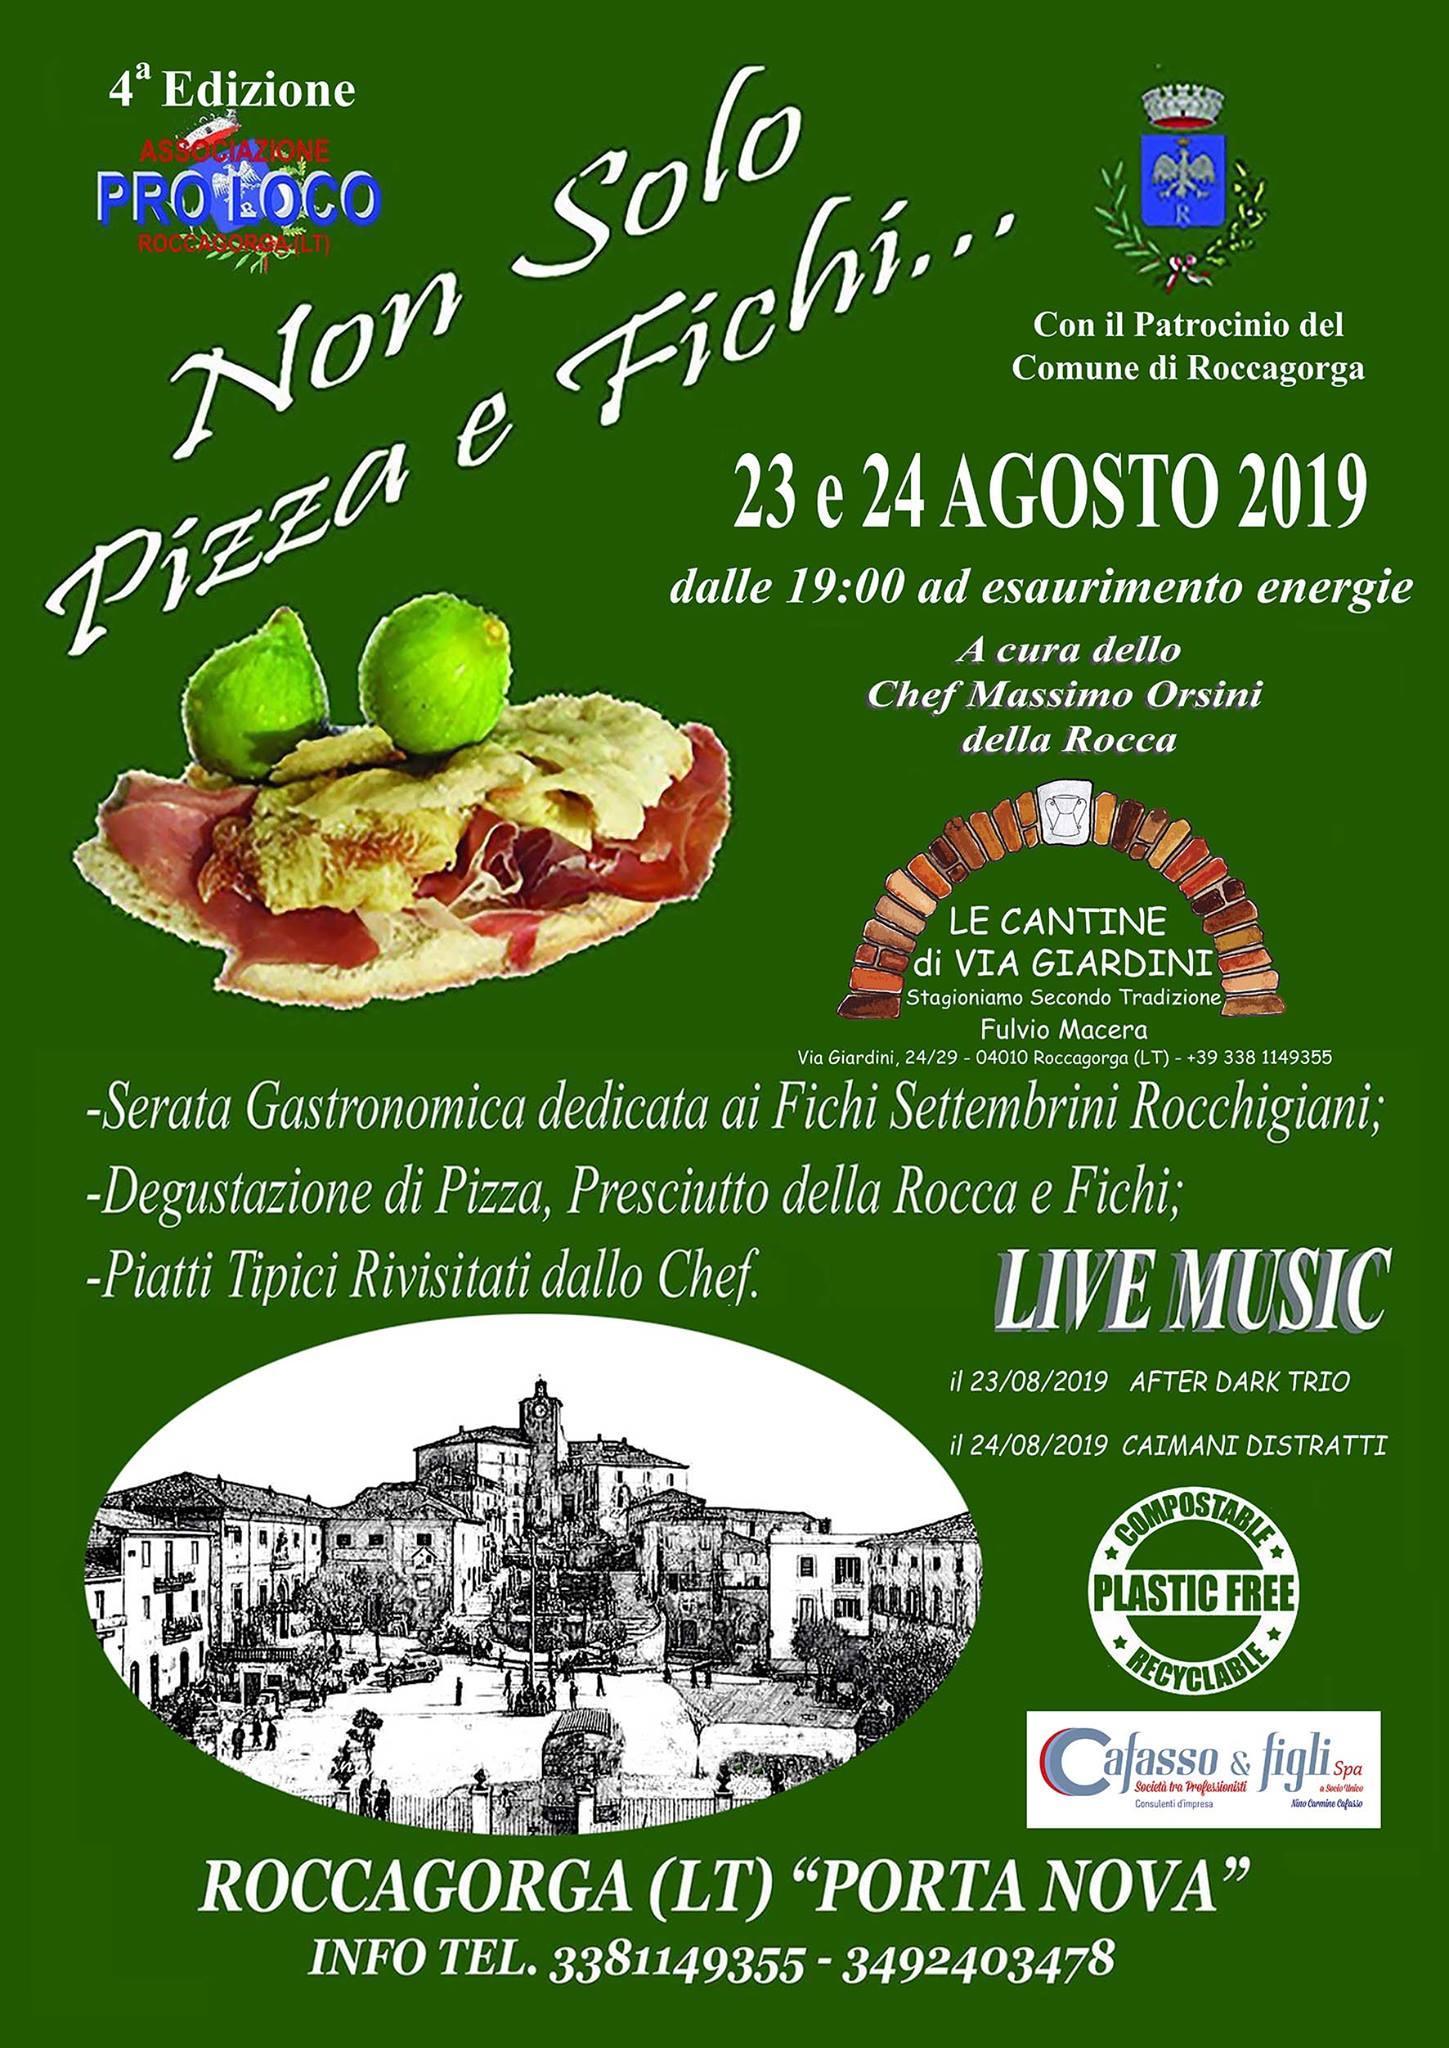 Roccagorga: Non solo pizza e fichi ... @ porta nova  | Roccagorga | Lazio | Italia